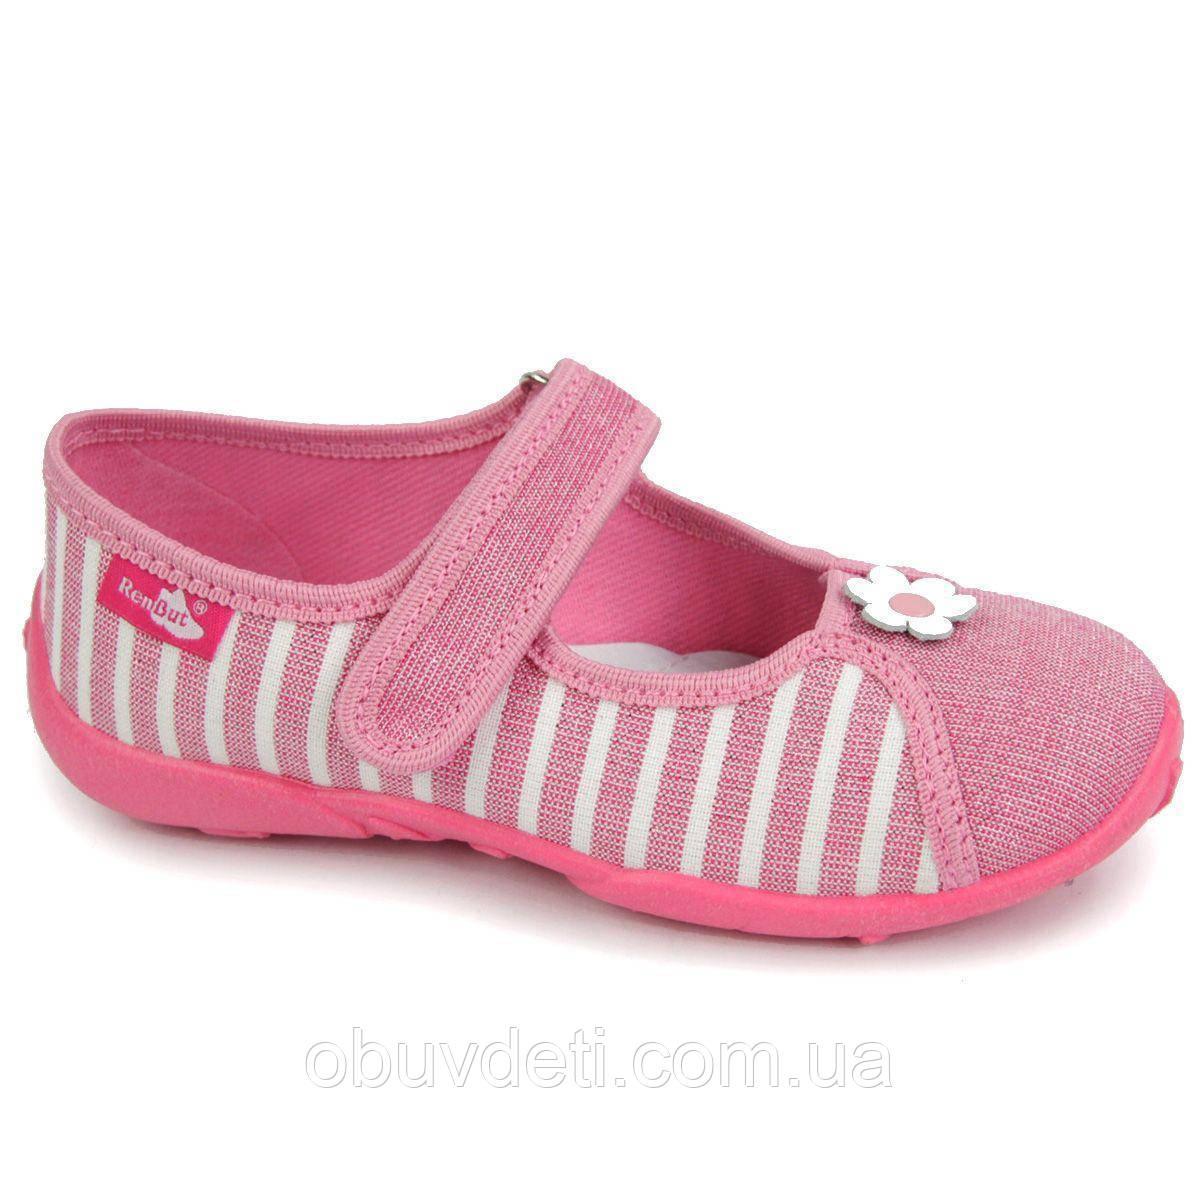 Тапочки-мокасины для девочек с кожаными стельками Renbut 33 (21,5 см)